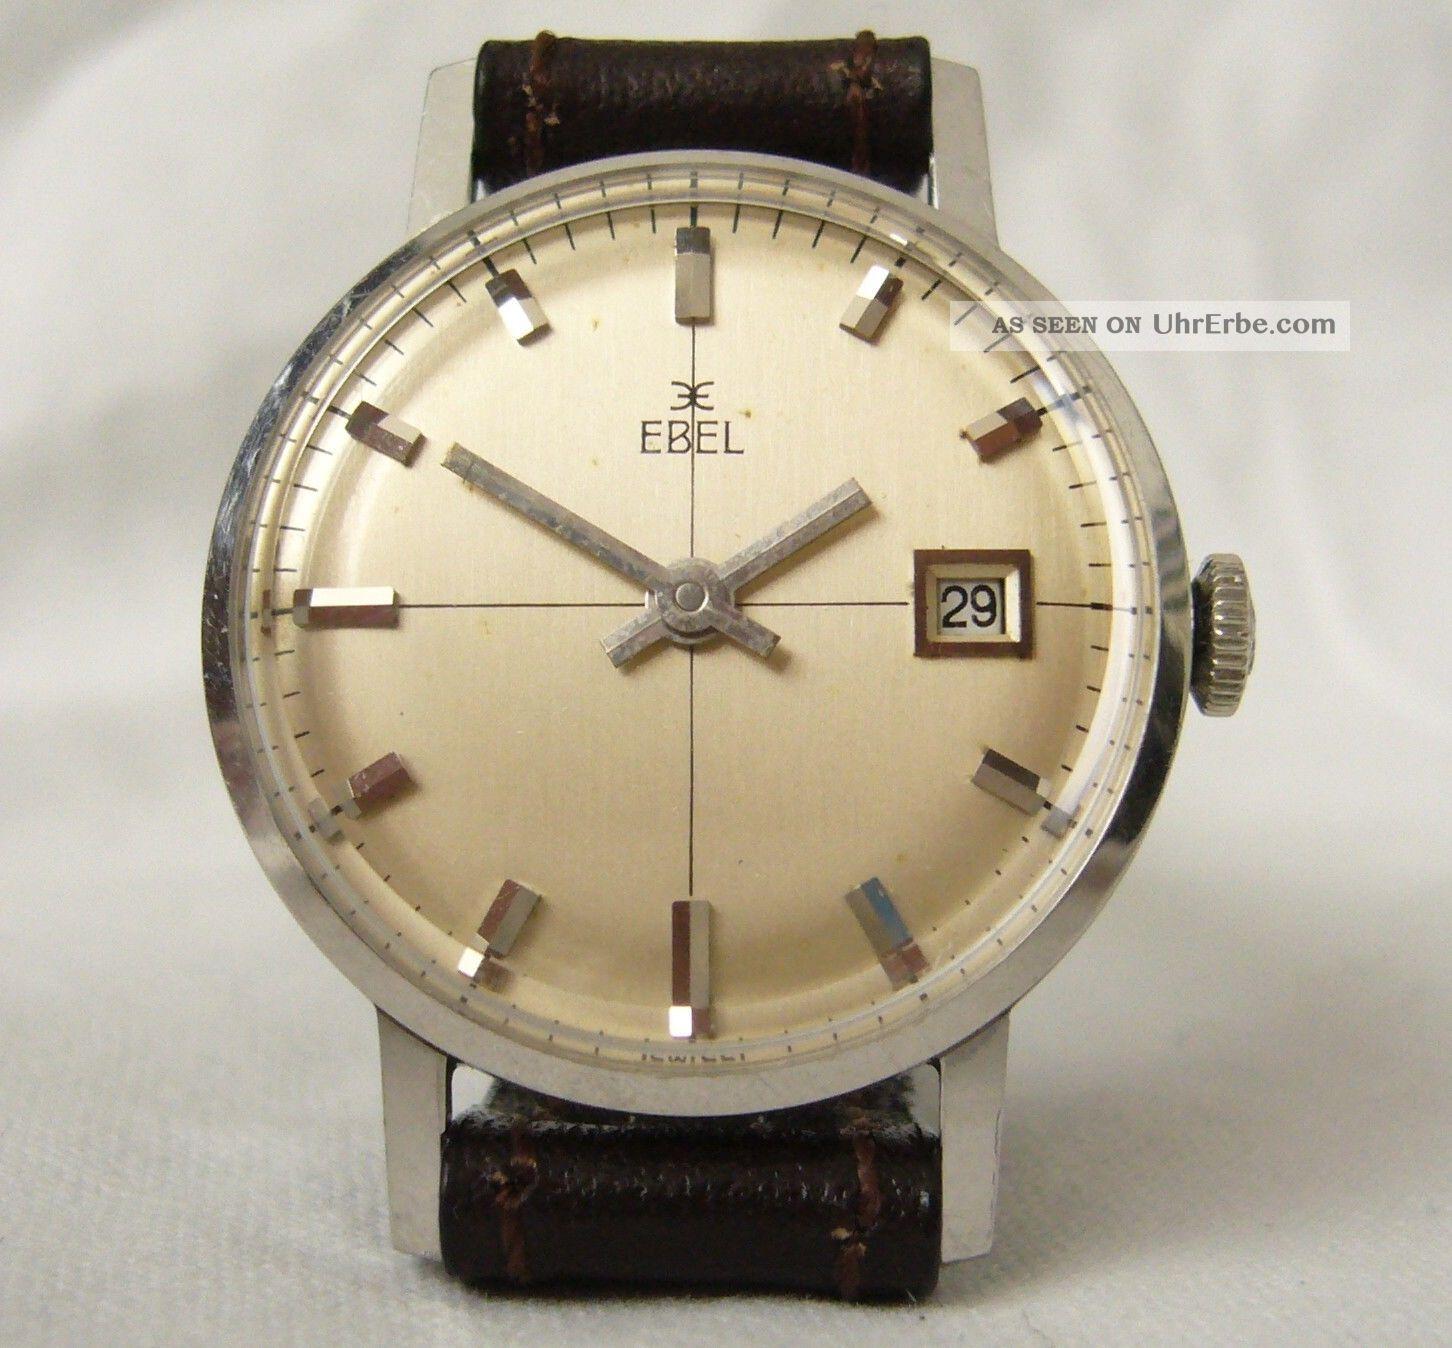 Ebel Mechanisch Damen Armbanduhr Armbanduhren Bild